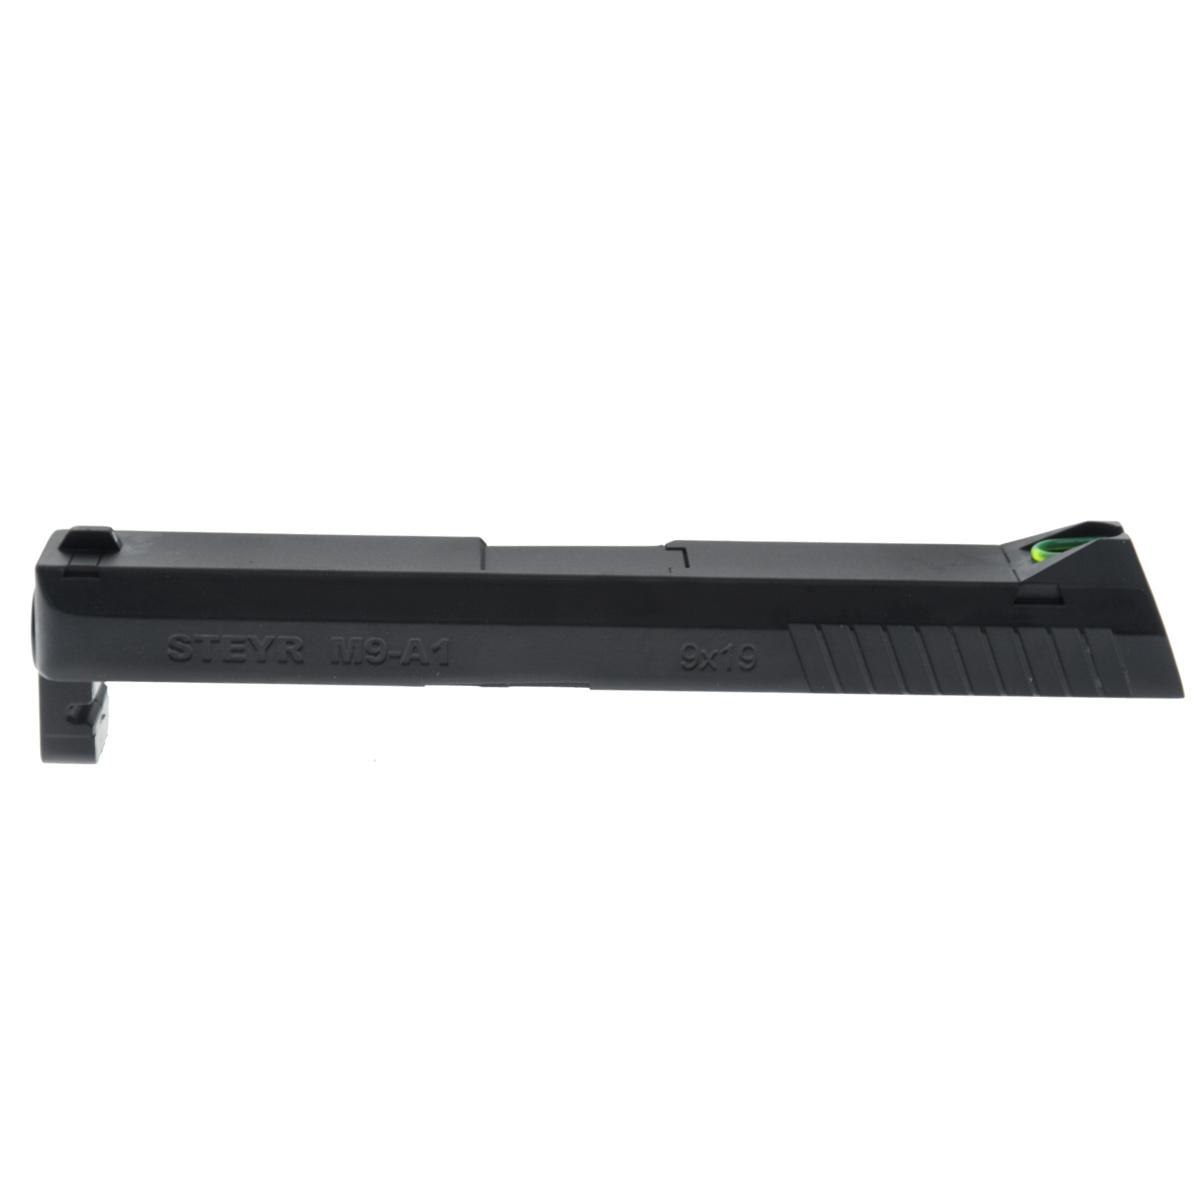 Верхняя крышка для ASG Steyr M9-A1, цвет: Black (16562) цена